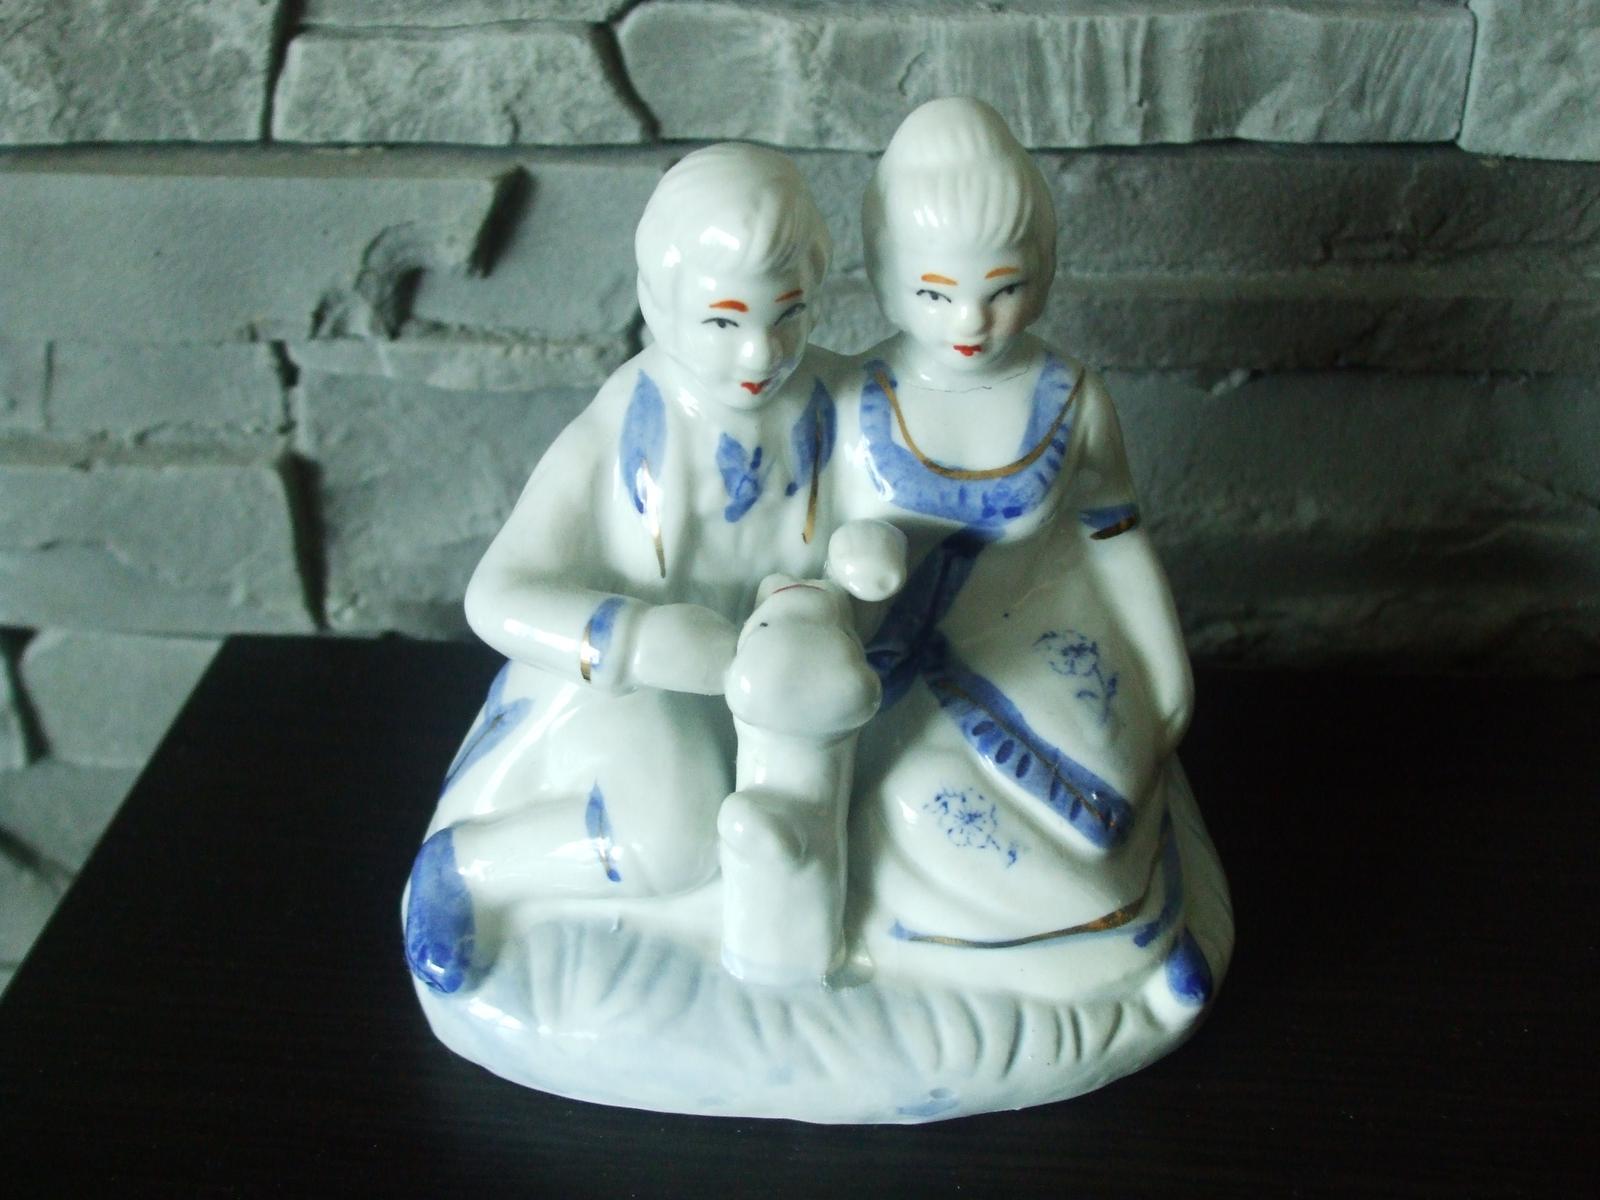 Modro-biela keramika-dekorácia - Obrázok č. 1